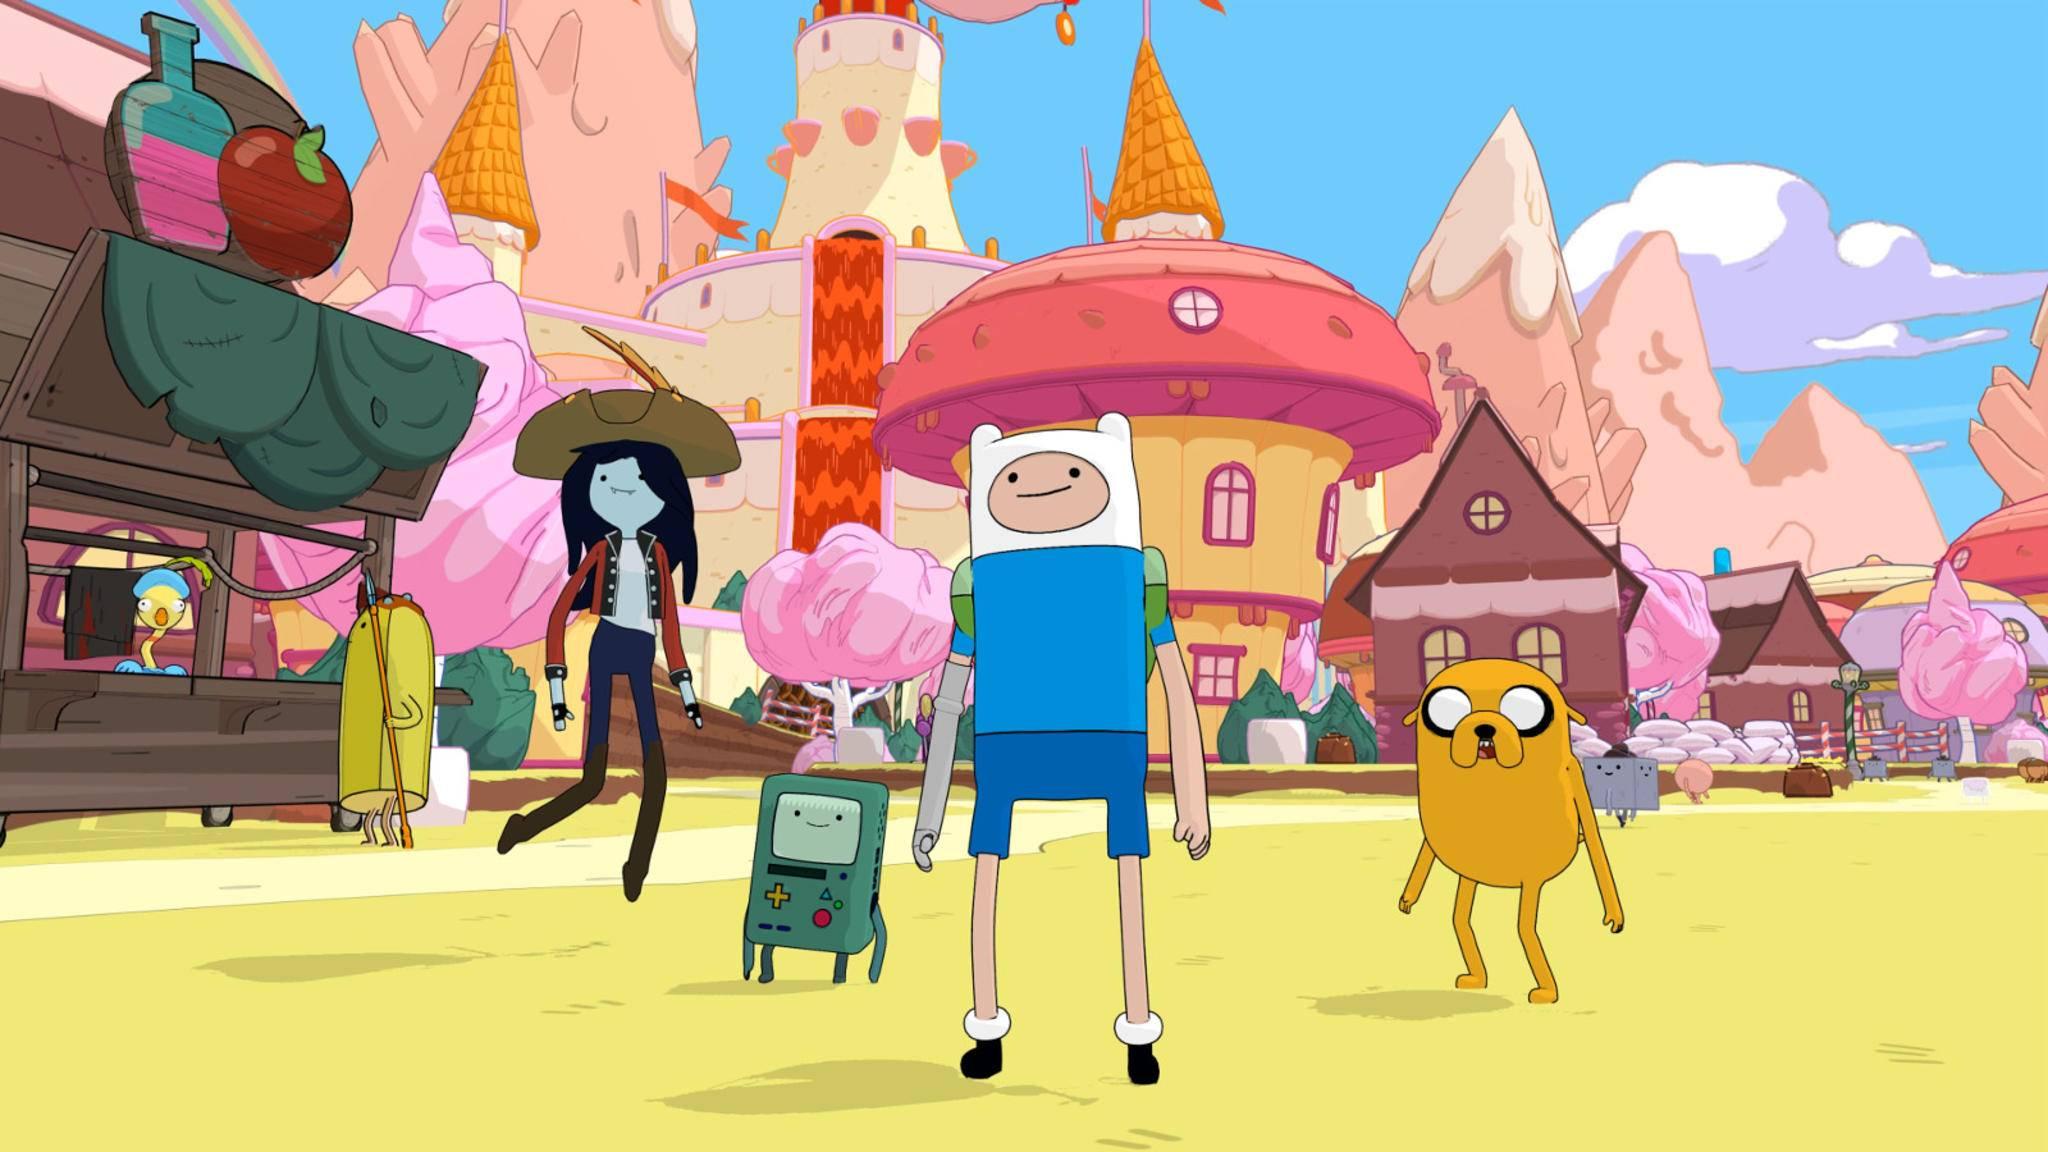 """Die """"Adventure Time""""-Clique geht bald auf große Fahrt durch eine eigene offene Spielwelt."""